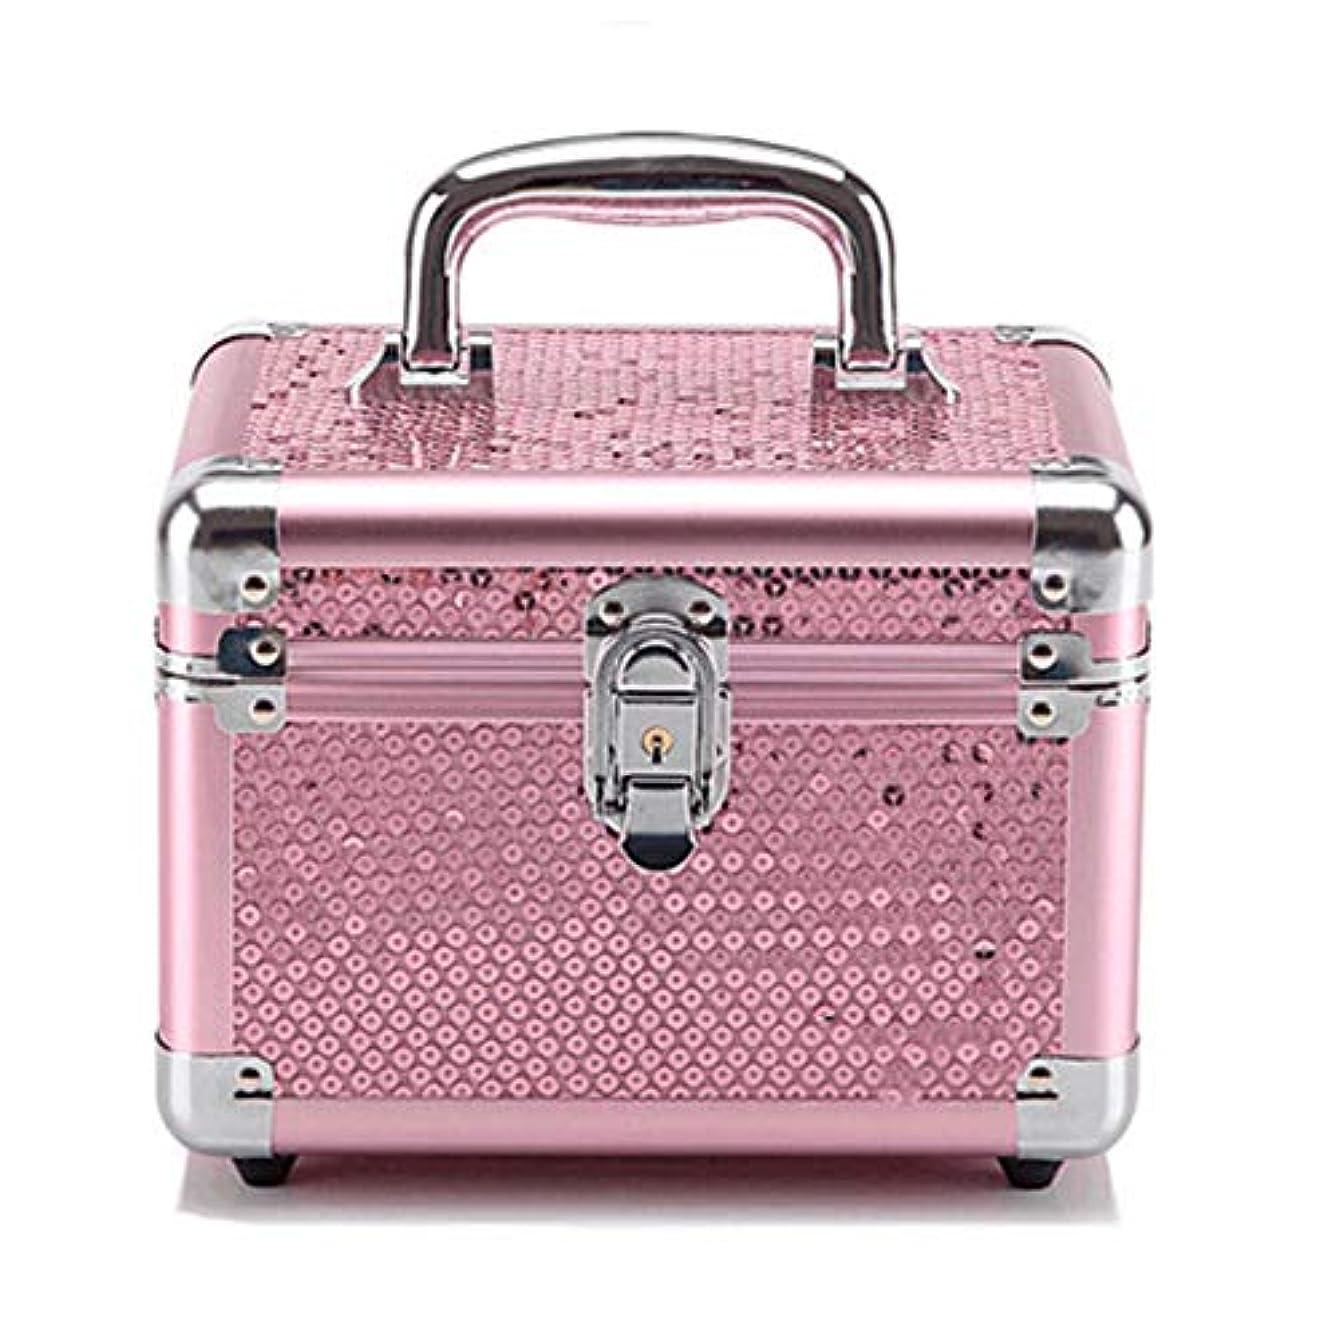 同種のホラー評判特大スペース収納ビューティーボックス 美の構造のためそしてジッパーおよび折る皿が付いている女の子の女性旅行そして毎日の貯蔵のための高容量の携帯用化粧品袋 化粧品化粧台 (色 : Rose Red(S))